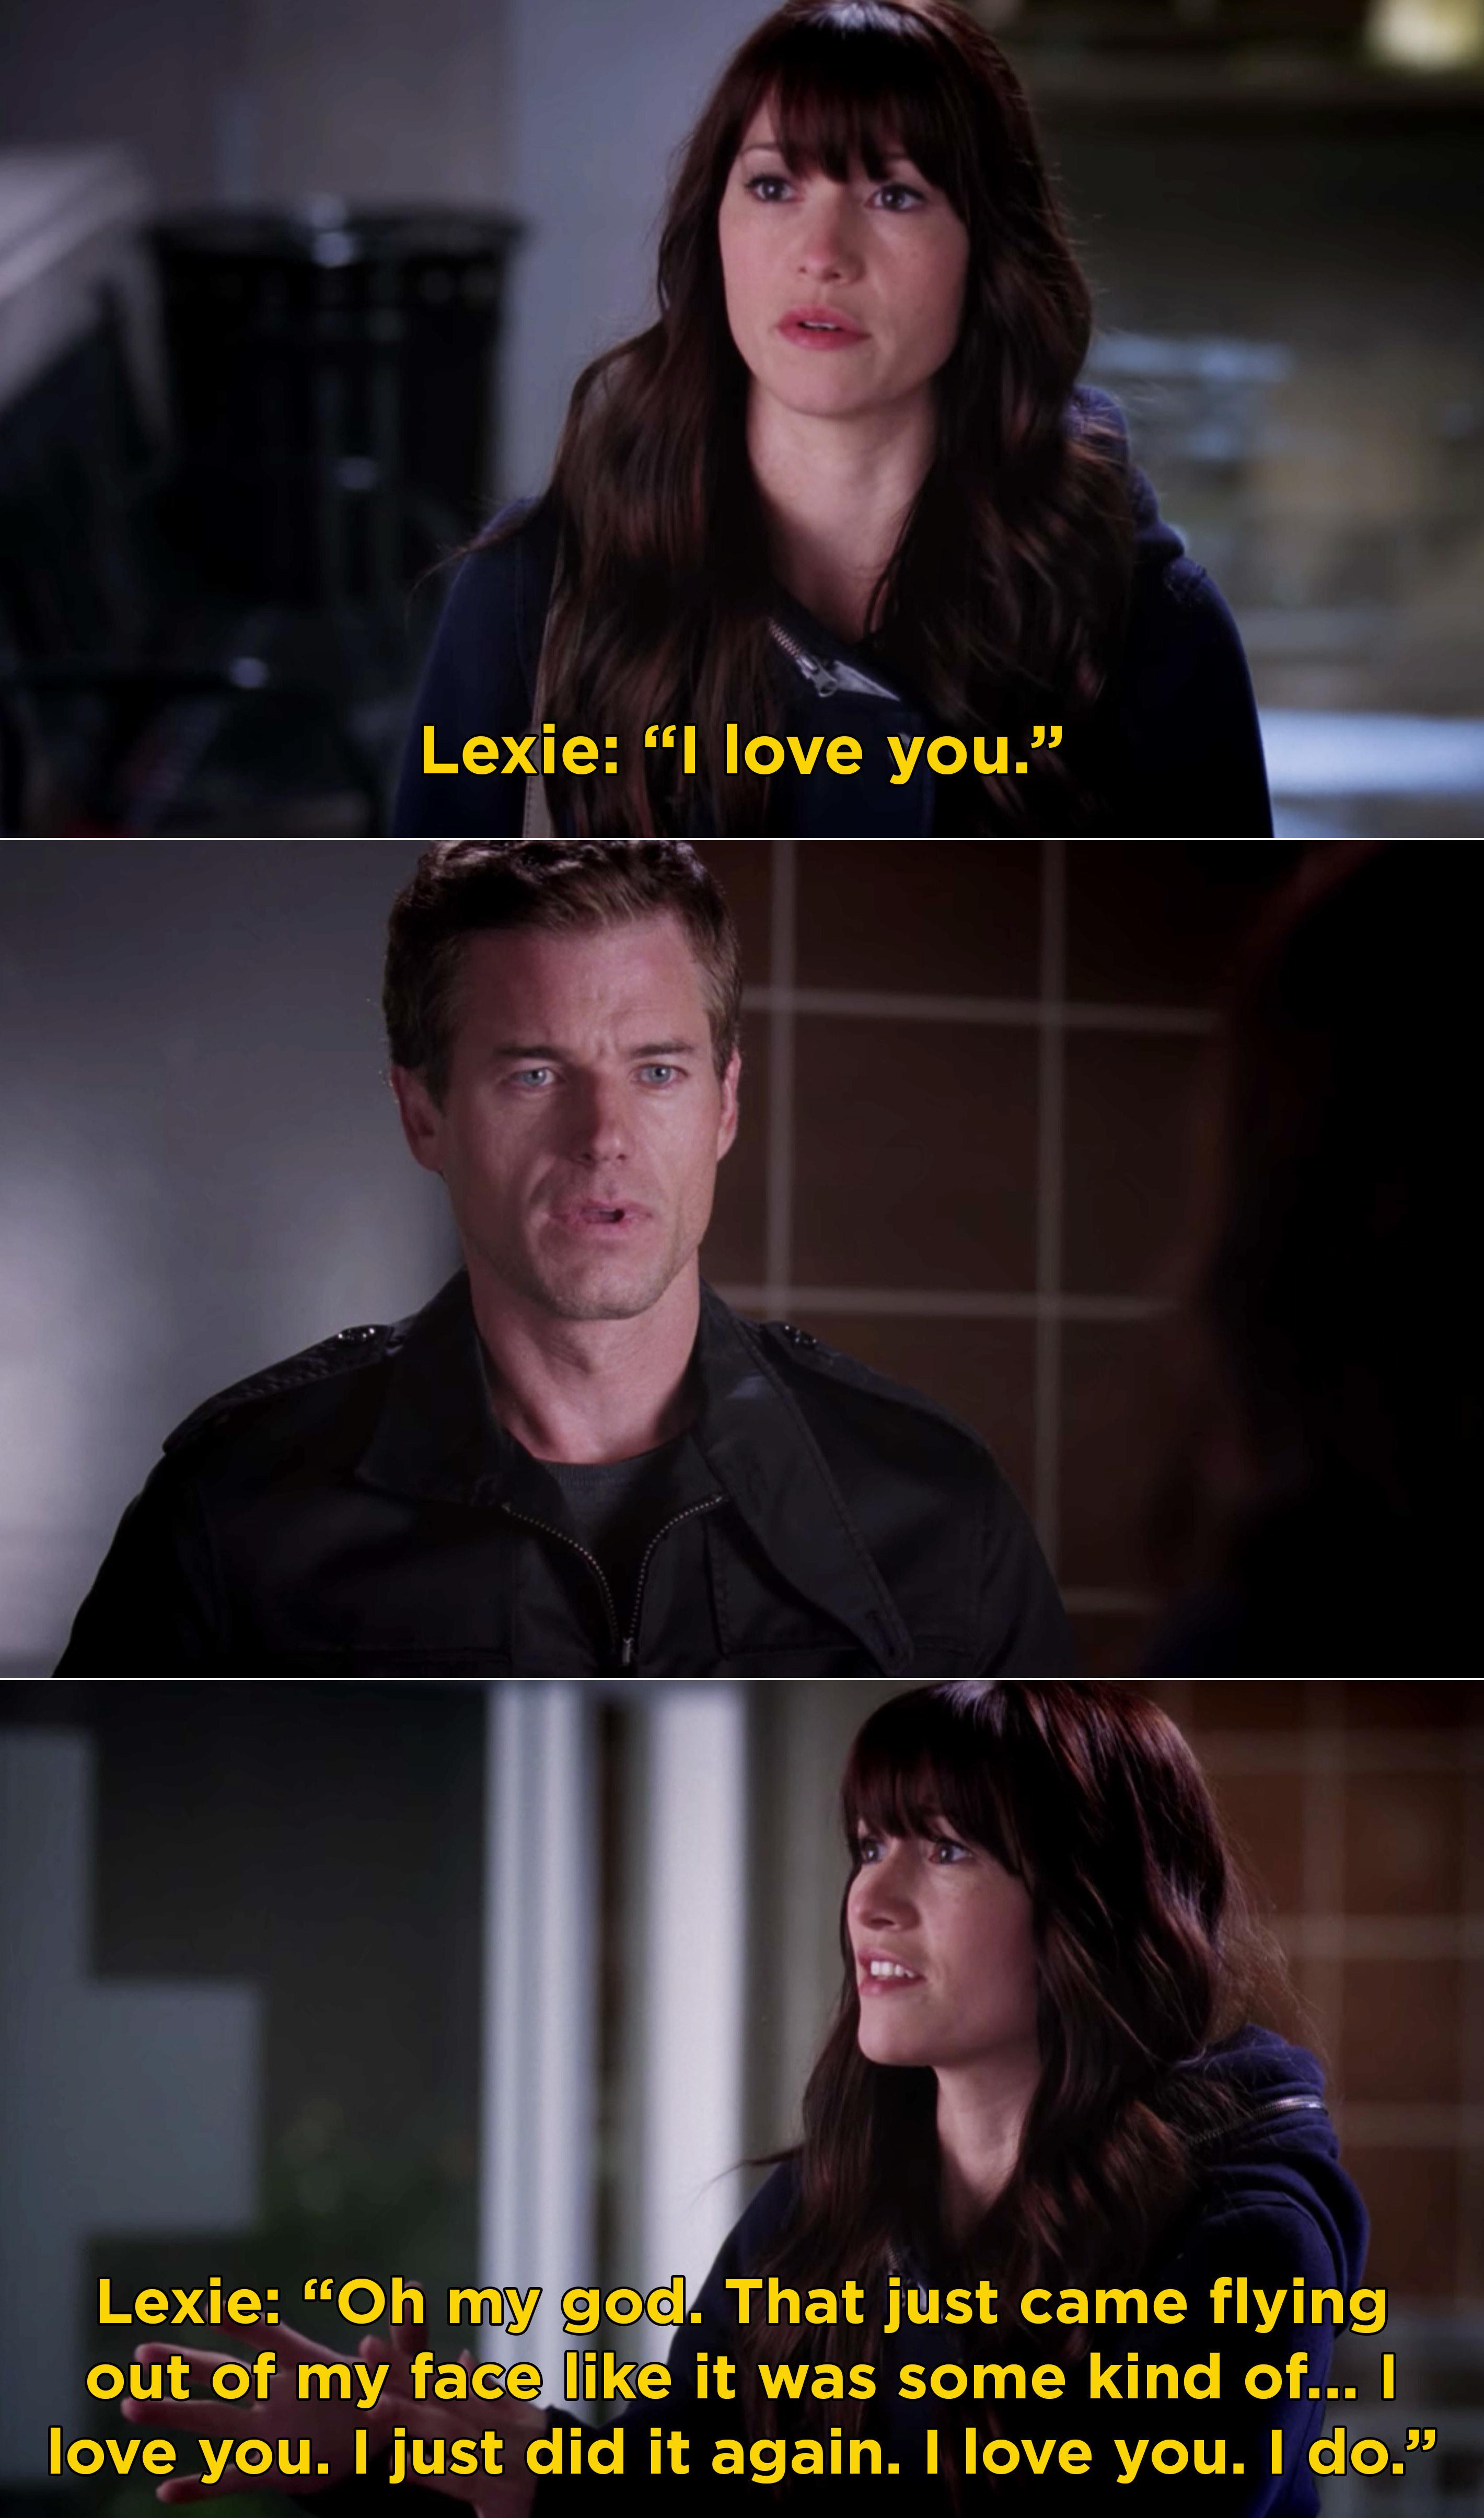 Lexie telling Mark she still loves him